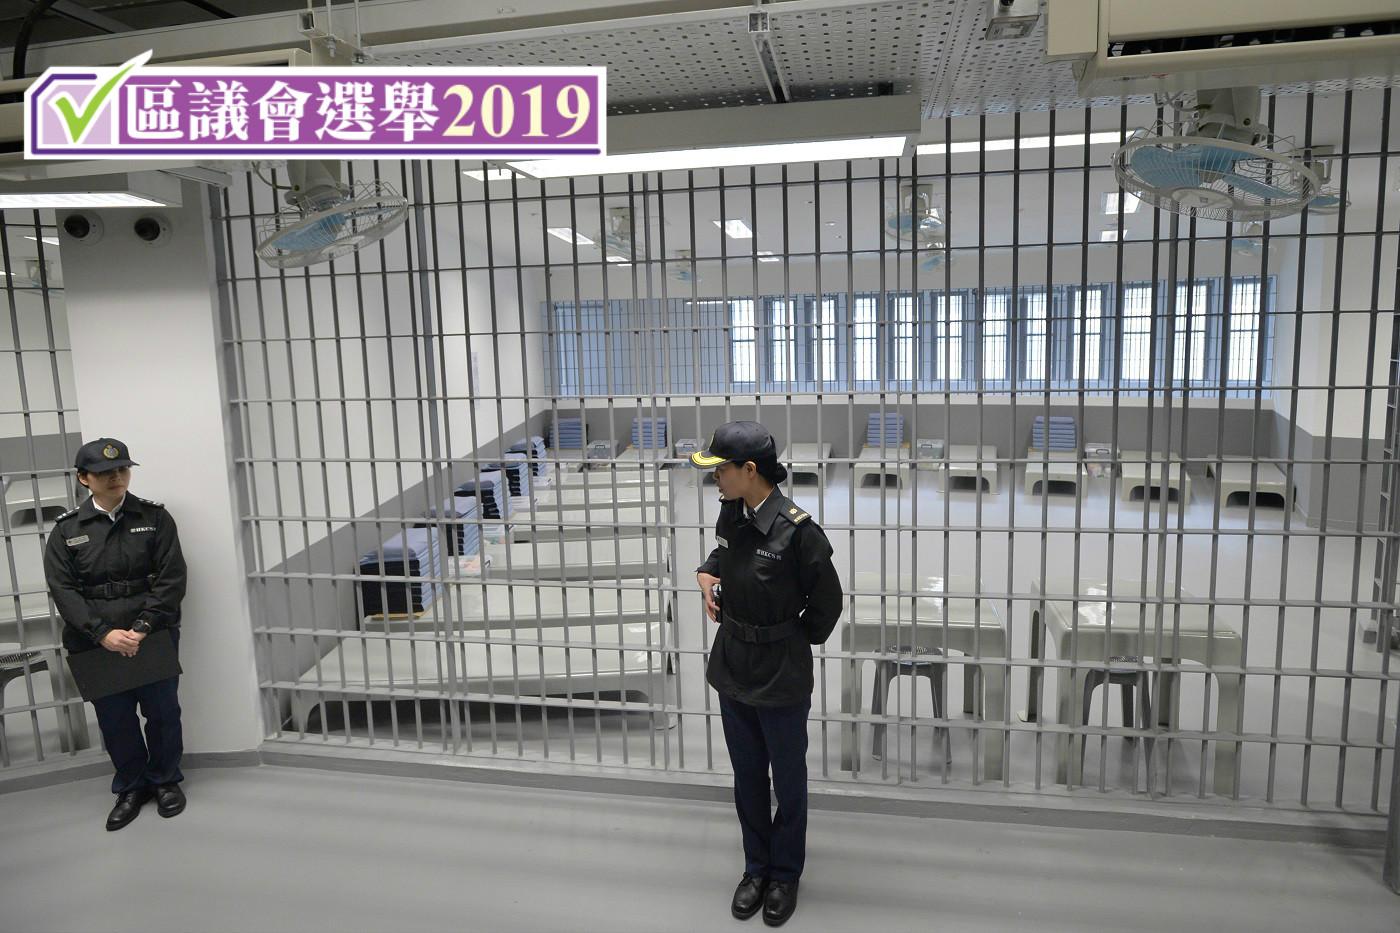 【区会选举】惩教所共有1013名选民投票